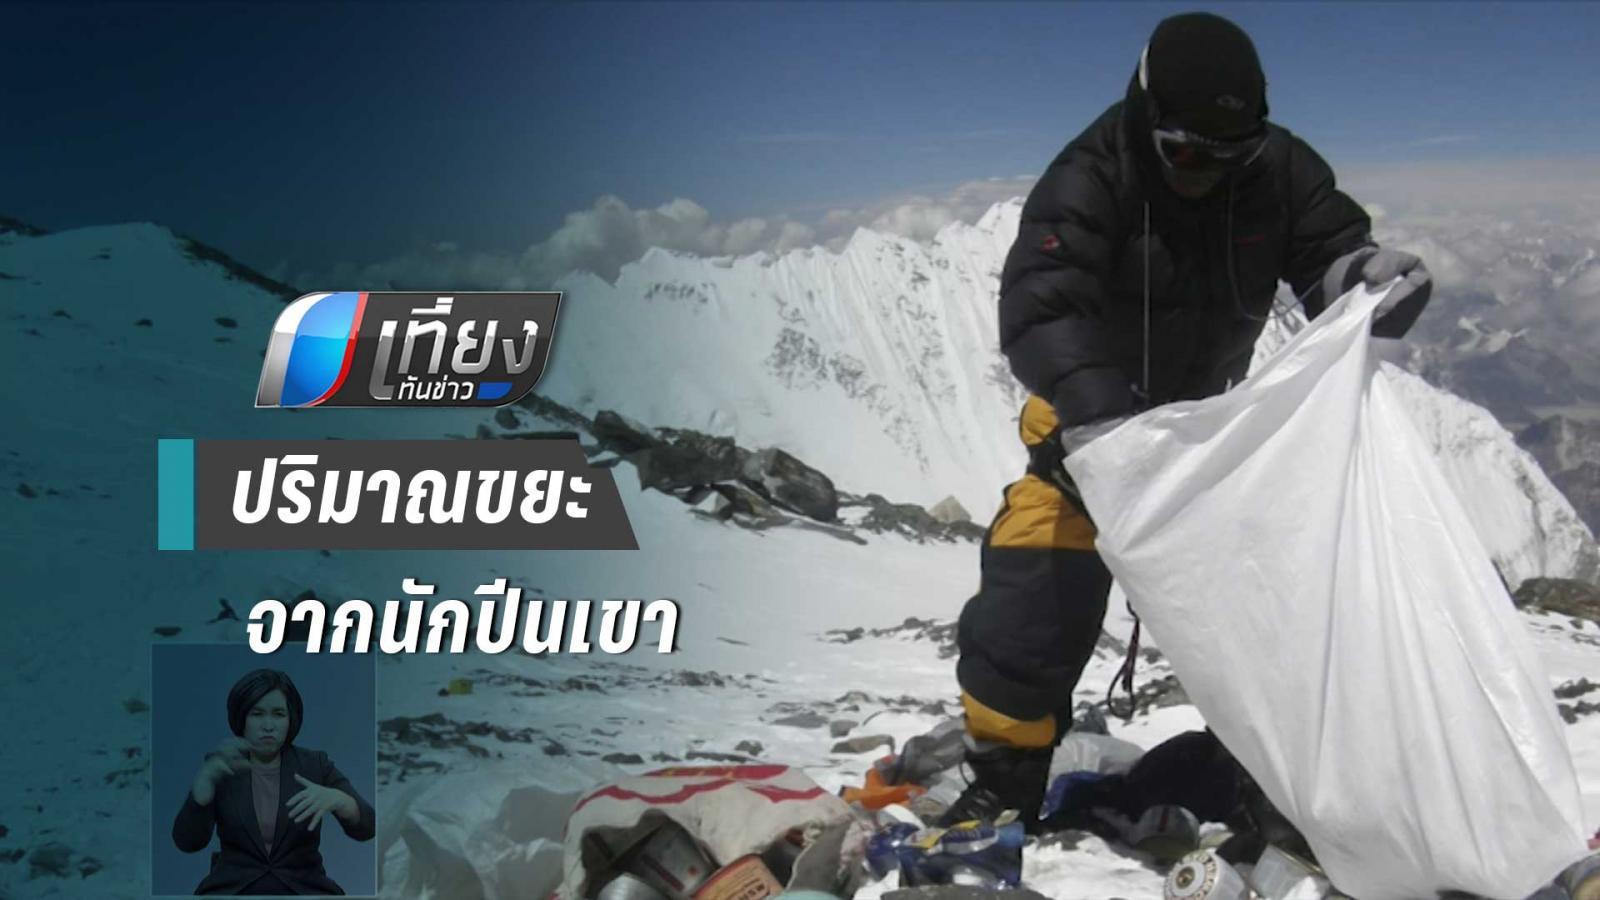 เนปาล เตรียมห้าม ใช้พลาสติกแบบใช้ครั้งเดียวทิ้ง ในเขตเอเวอเรสต์